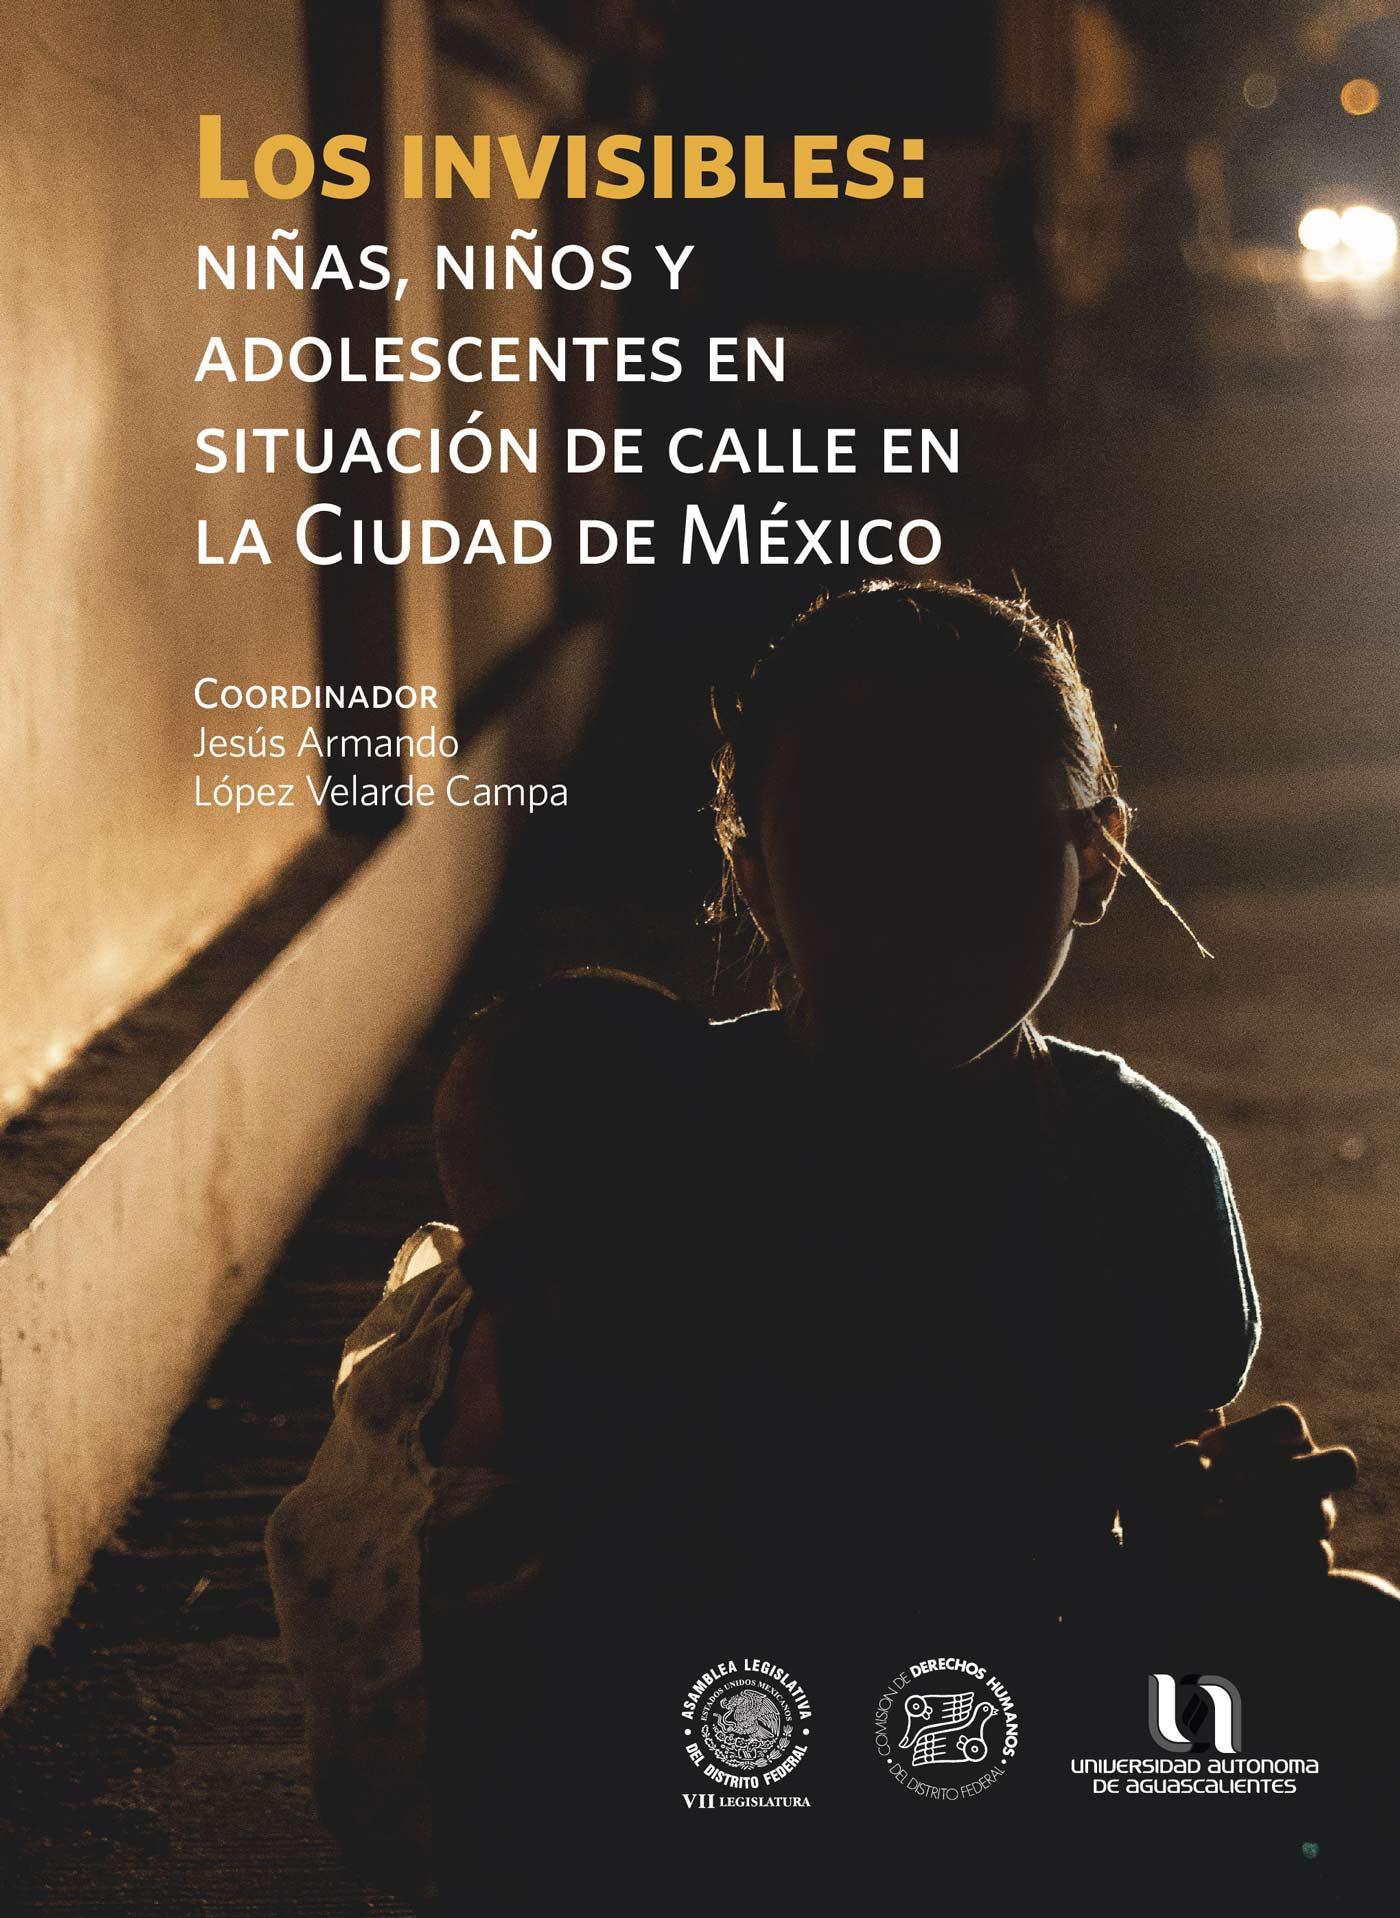 Los invisibles: Niñas, niños y adolescentes en situación de calle en la Ciudad de México